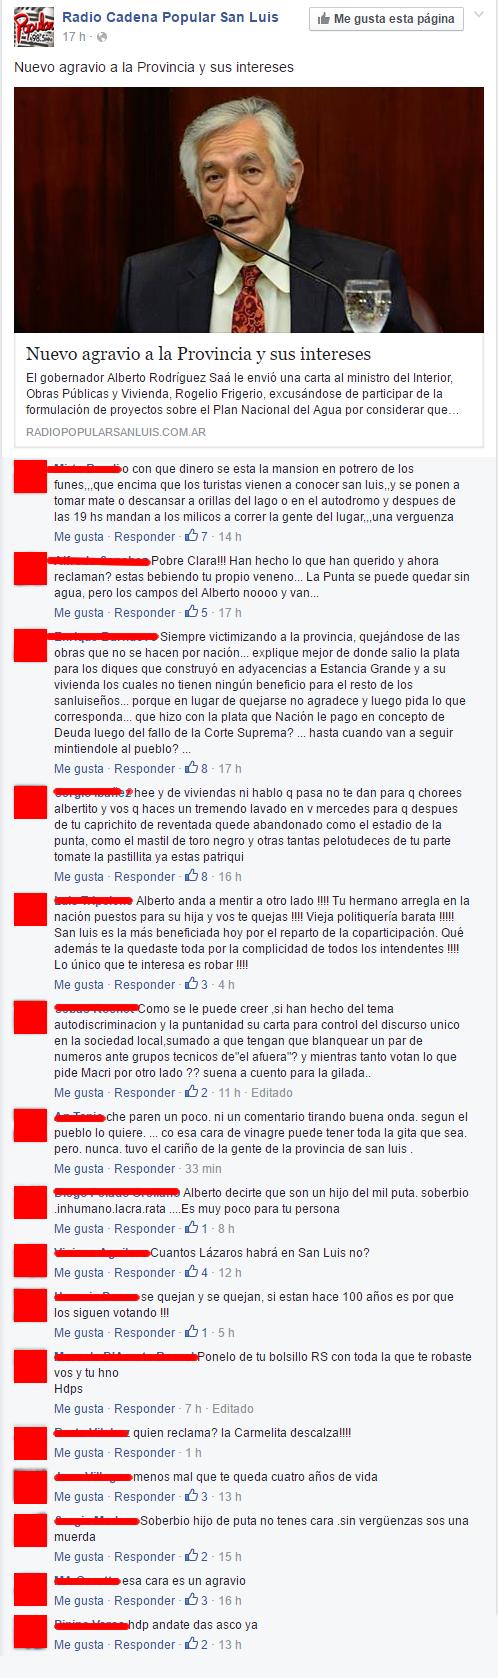 Decenas de comentarios desnudaron la maniobra del Adolfo y Alberto.